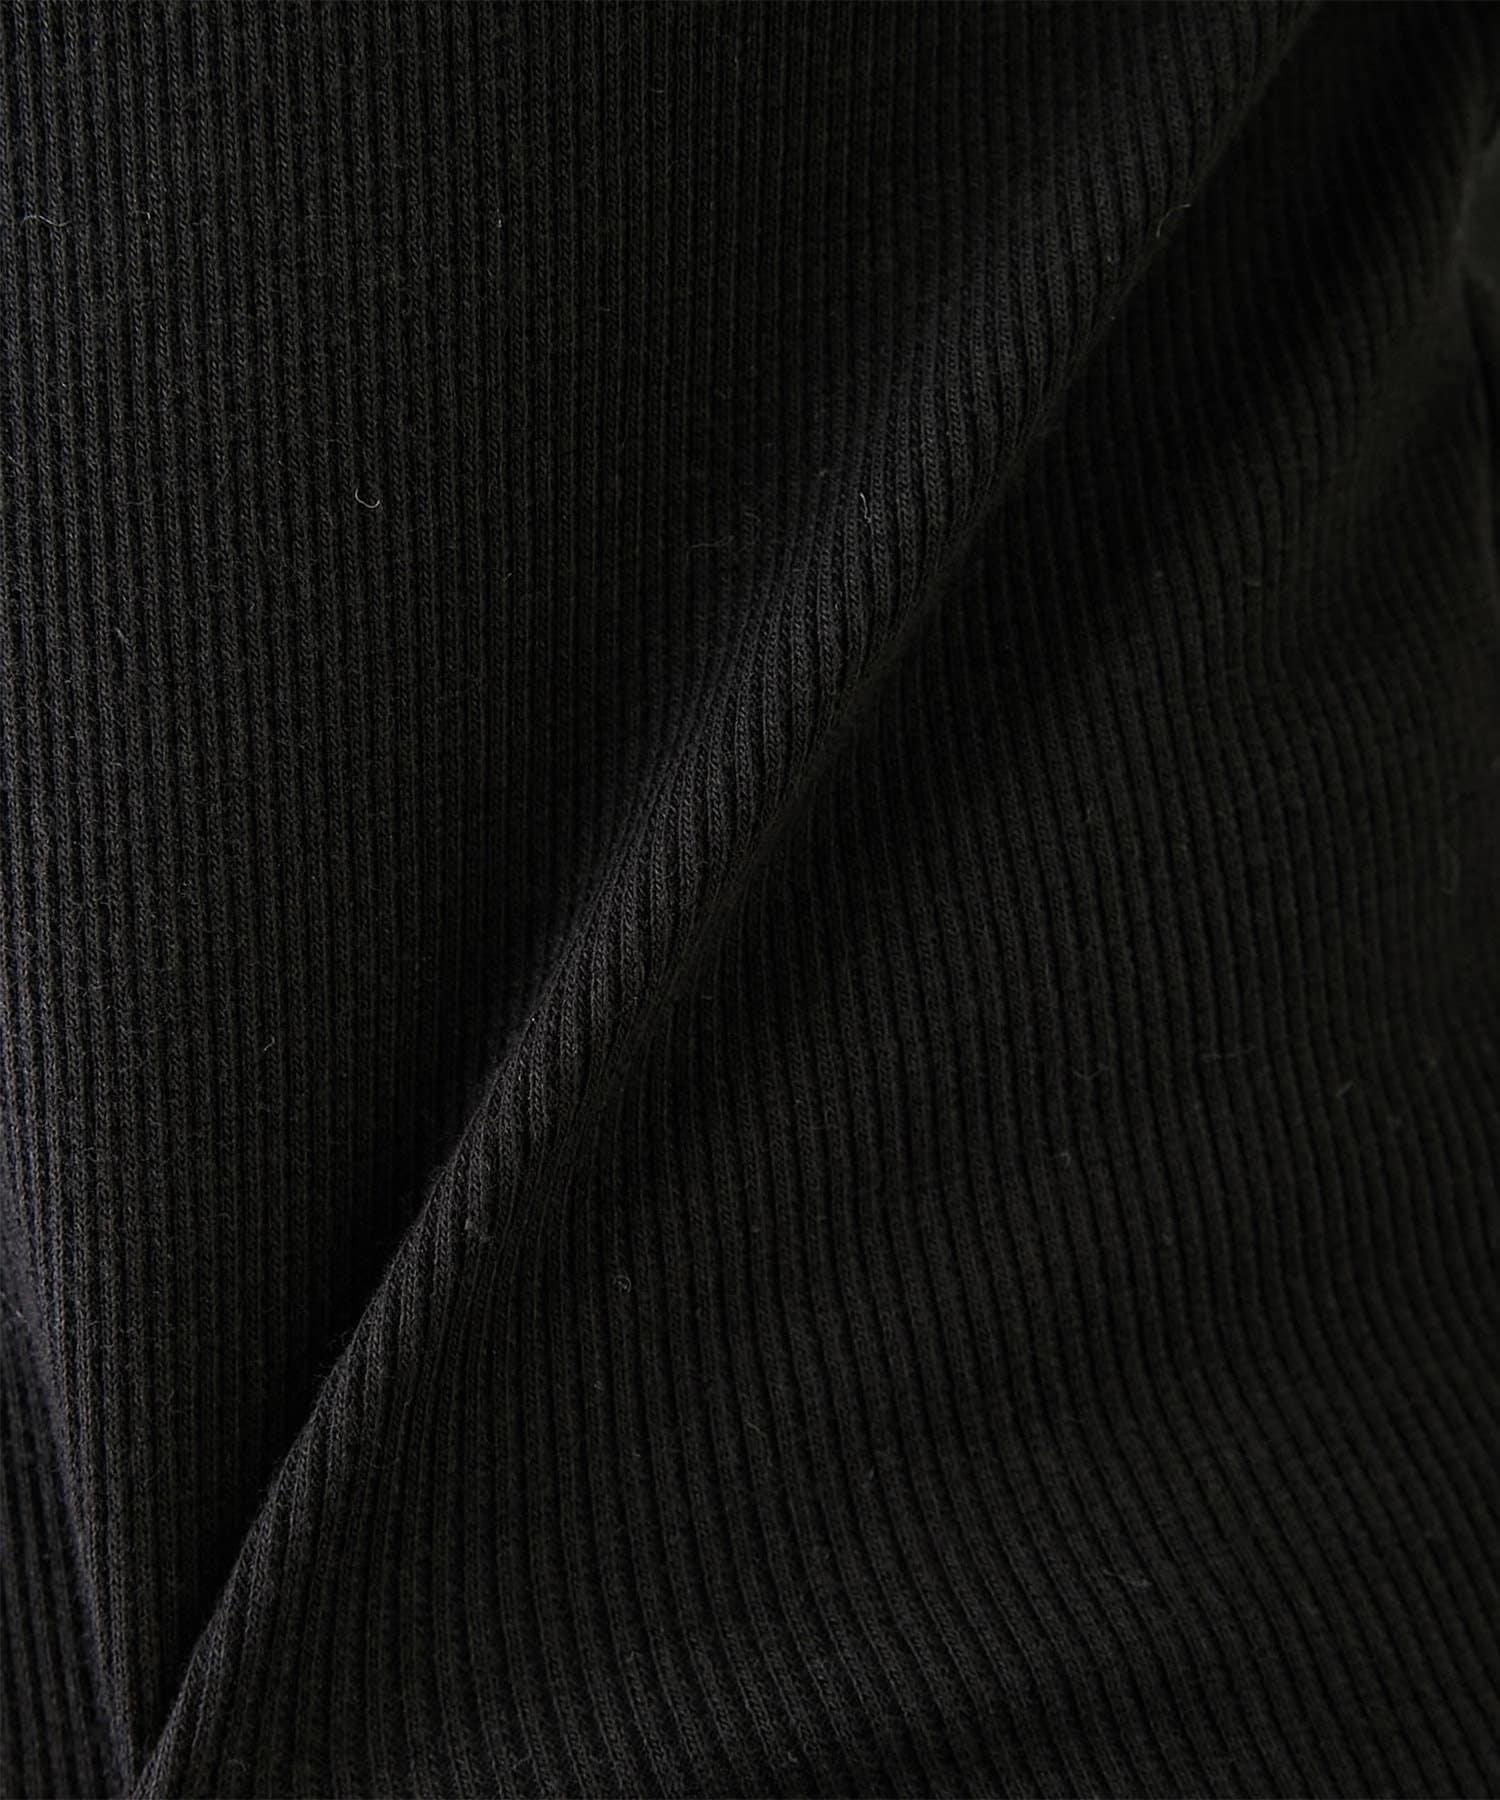 GALLARDAGALANTE(ガリャルダガランテ) スクエアネックリブカットソー【オンラインストア限定商品】